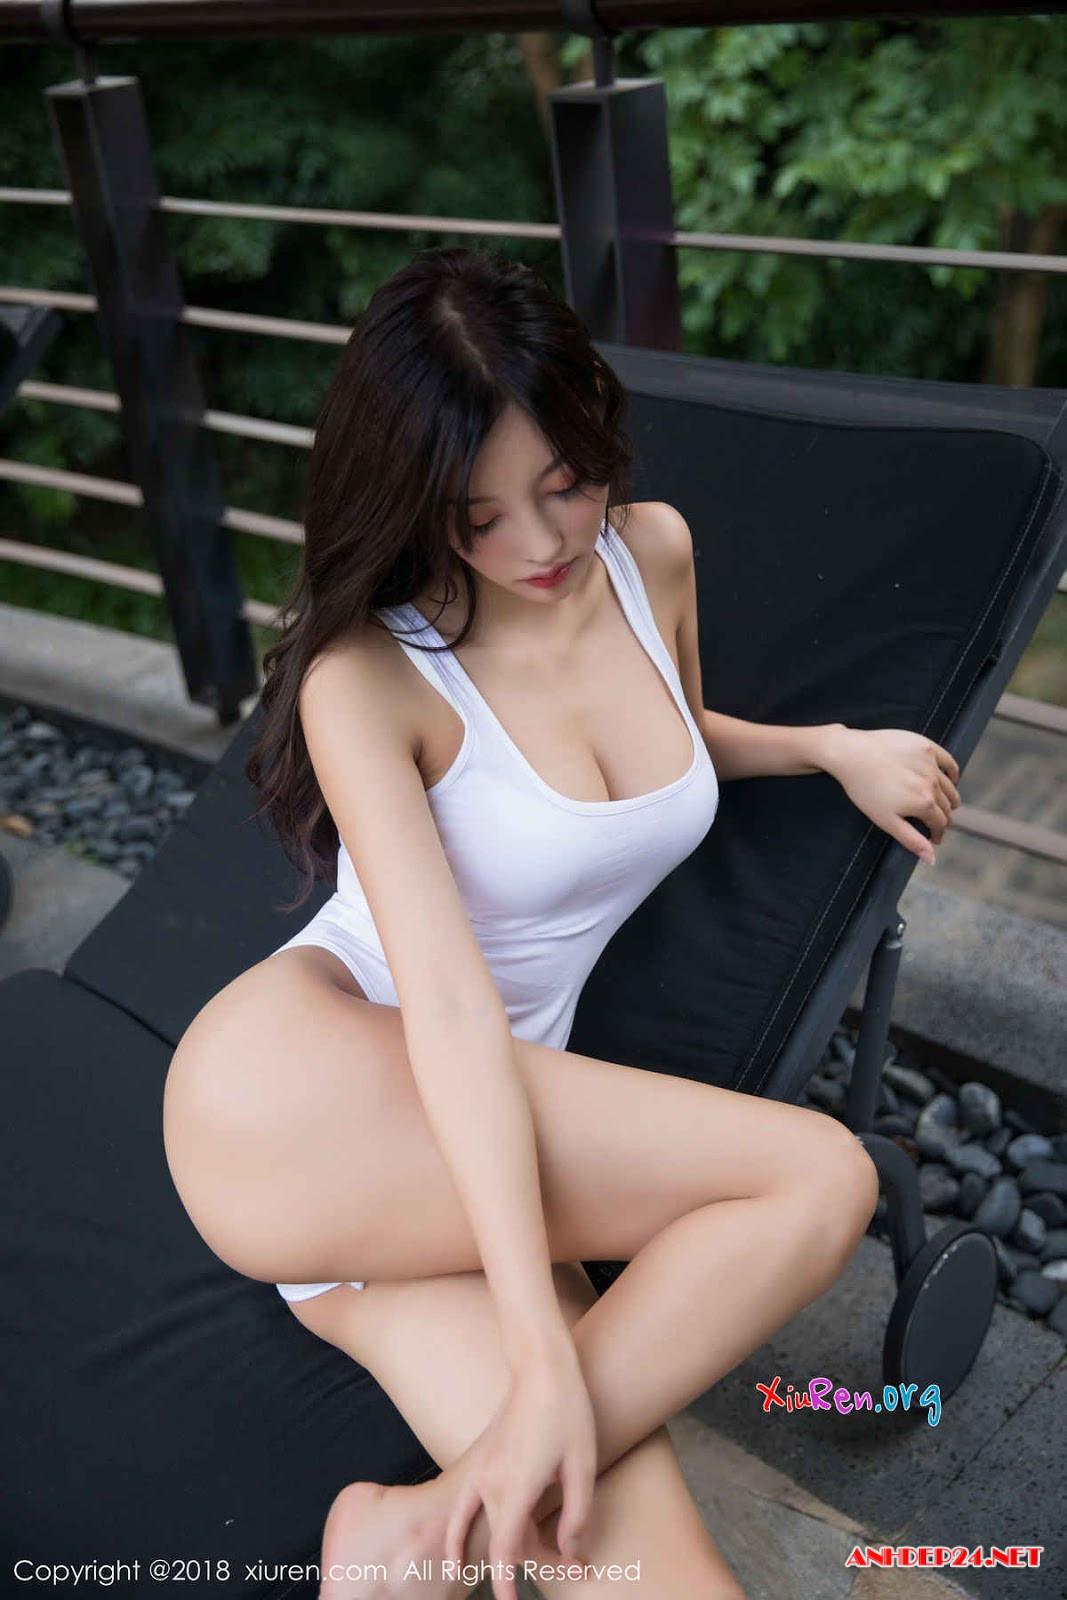 Chân dài xứ tỉ dân siêu gợi cảm với bikini - Hình 7